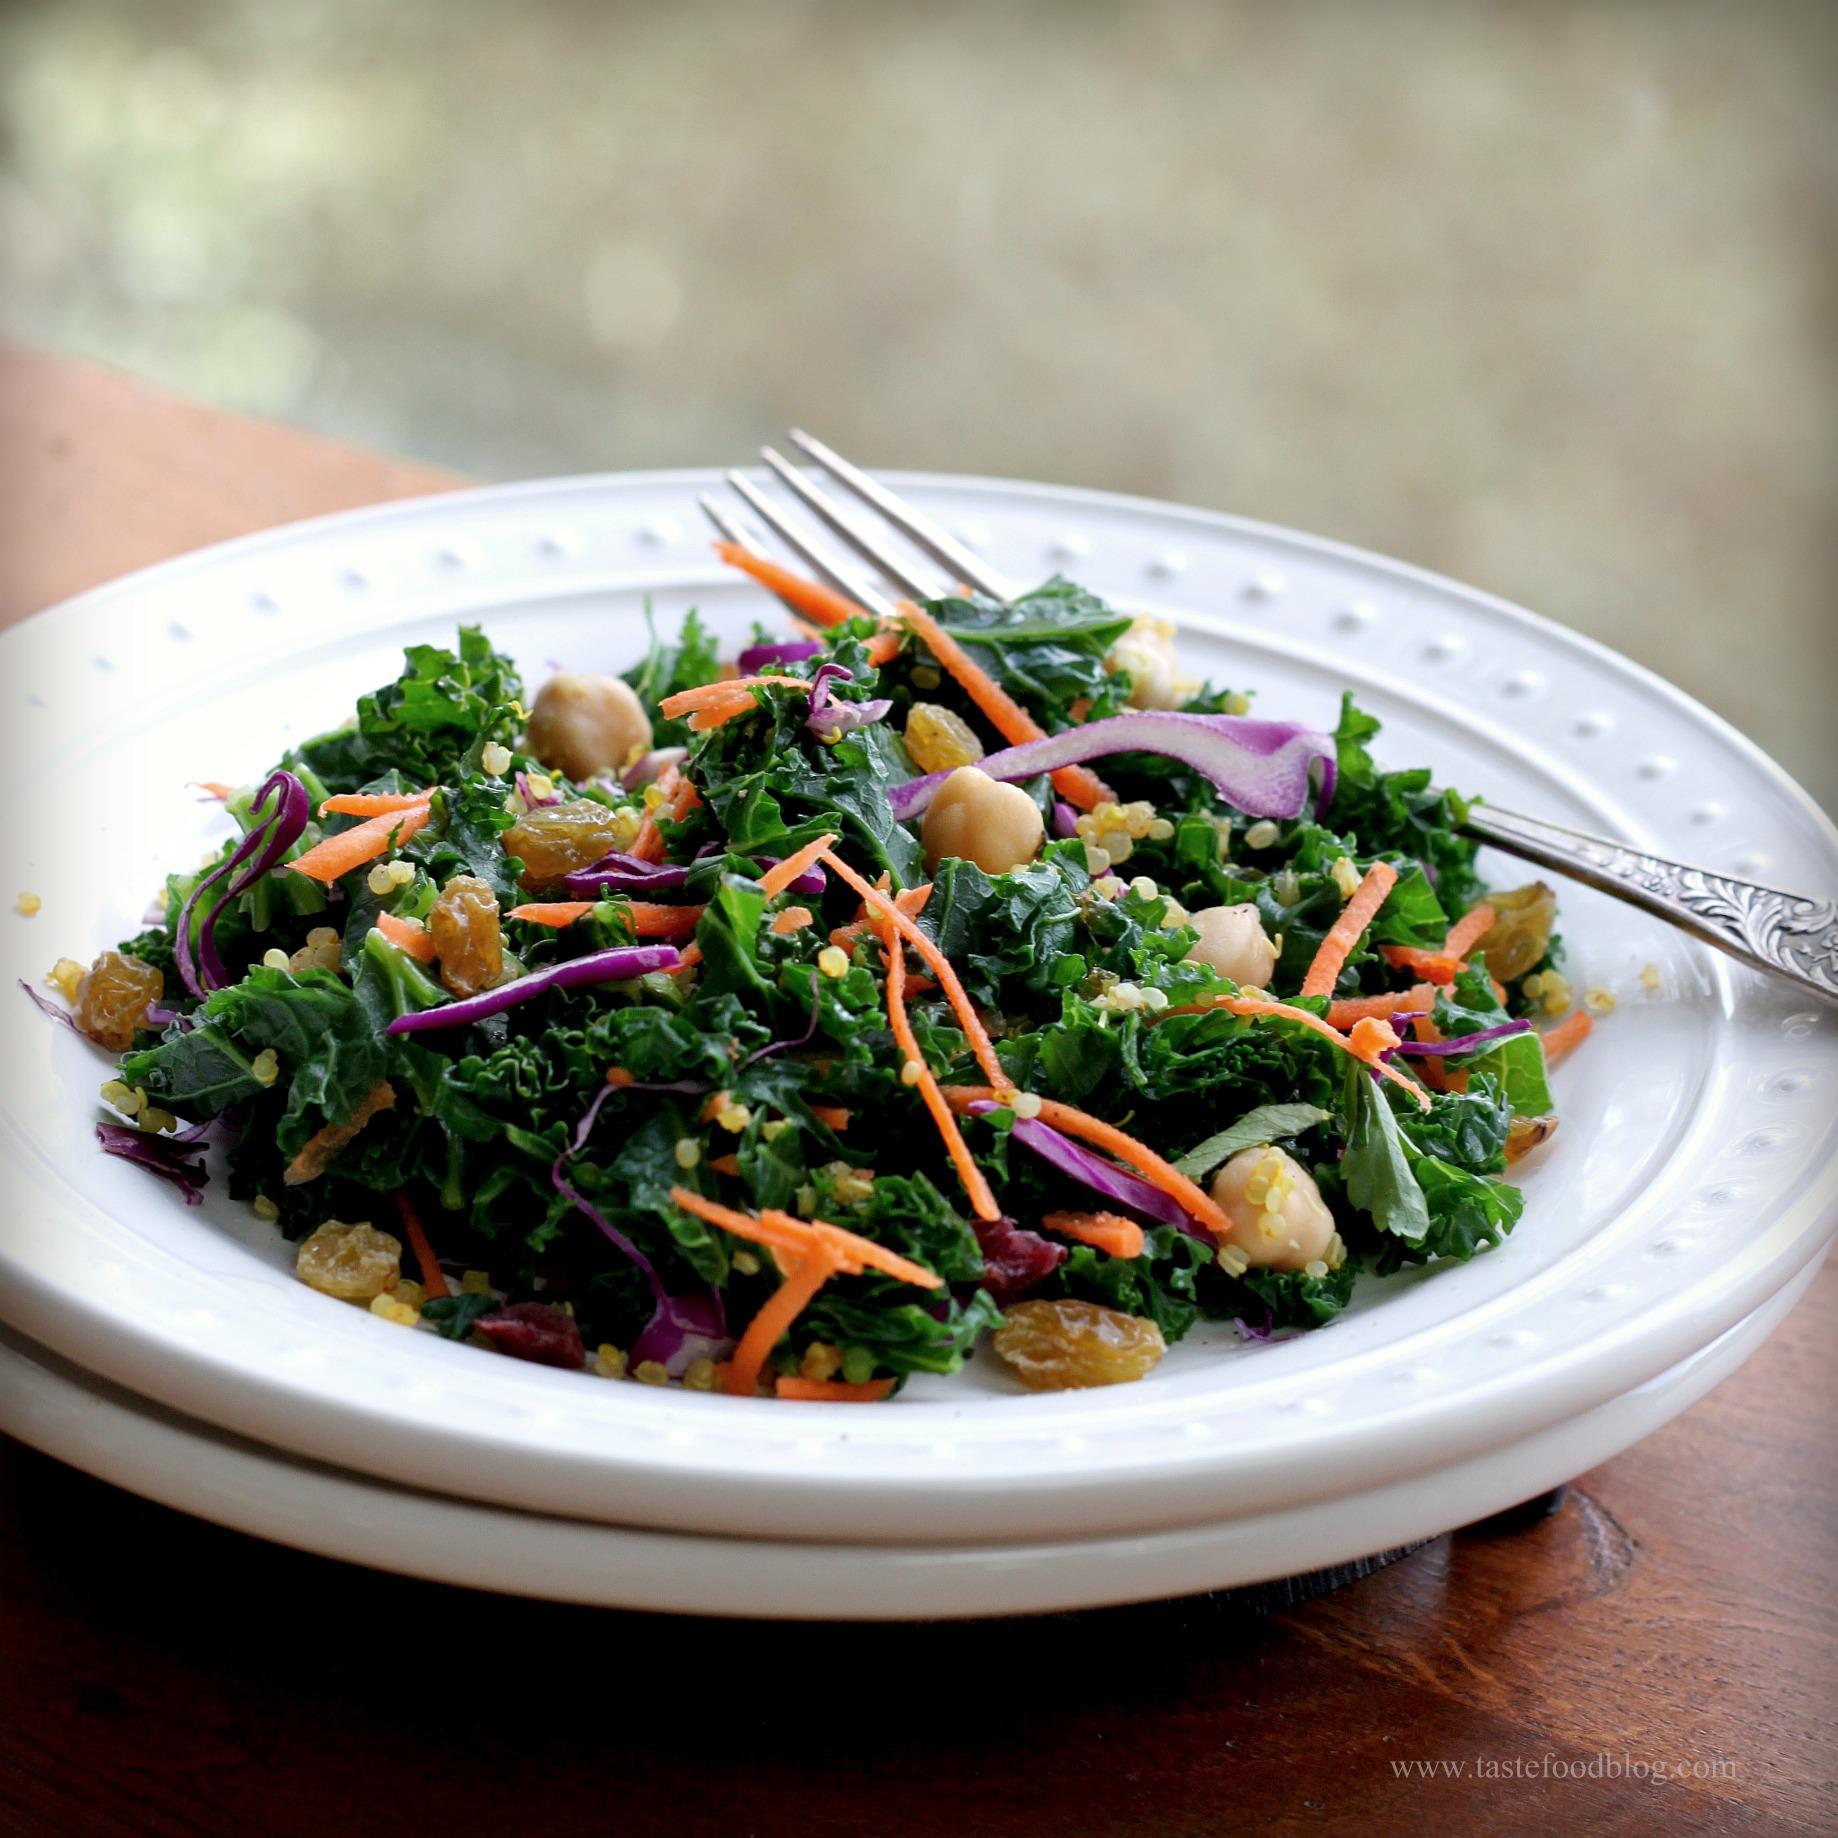 Kale, Quinoa, Carrots, Red Cabbage, Chickpeas, Raisins, Lemon